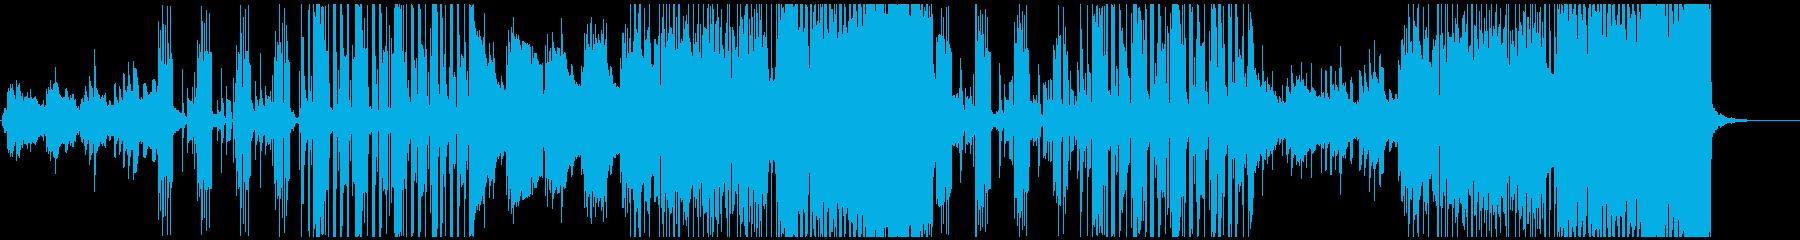 生AG/ブルージーなスローポップの再生済みの波形